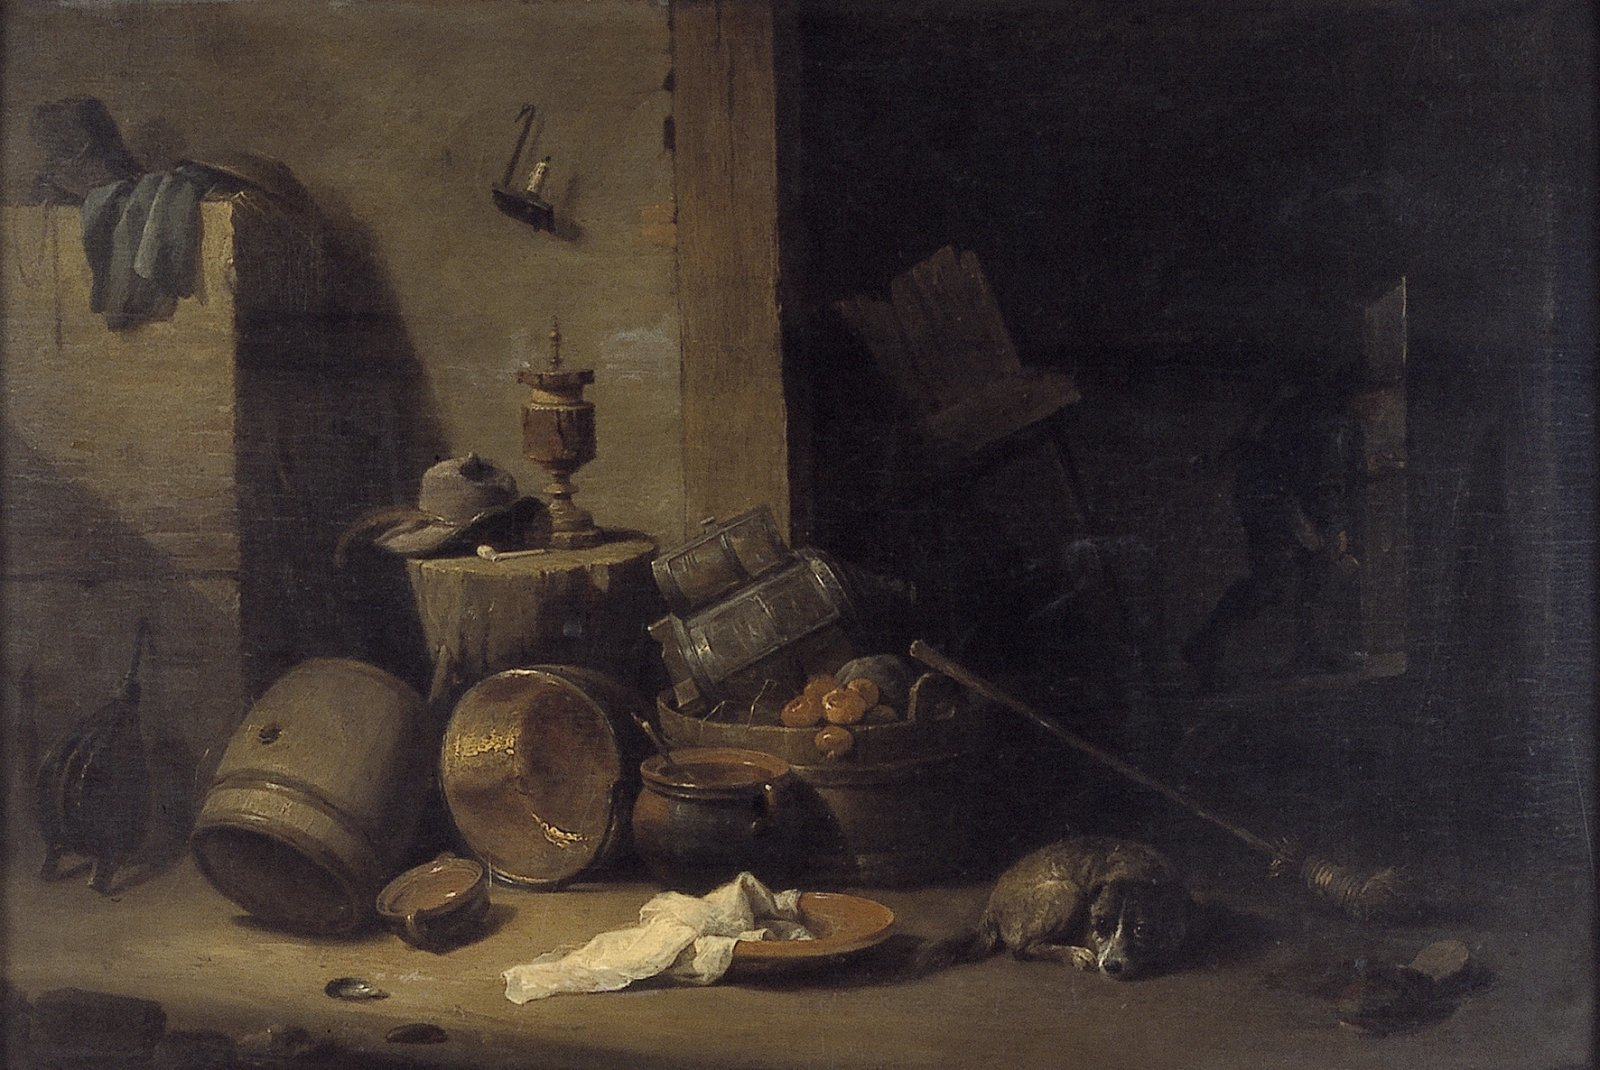 Interieur met keukengerei en een hond